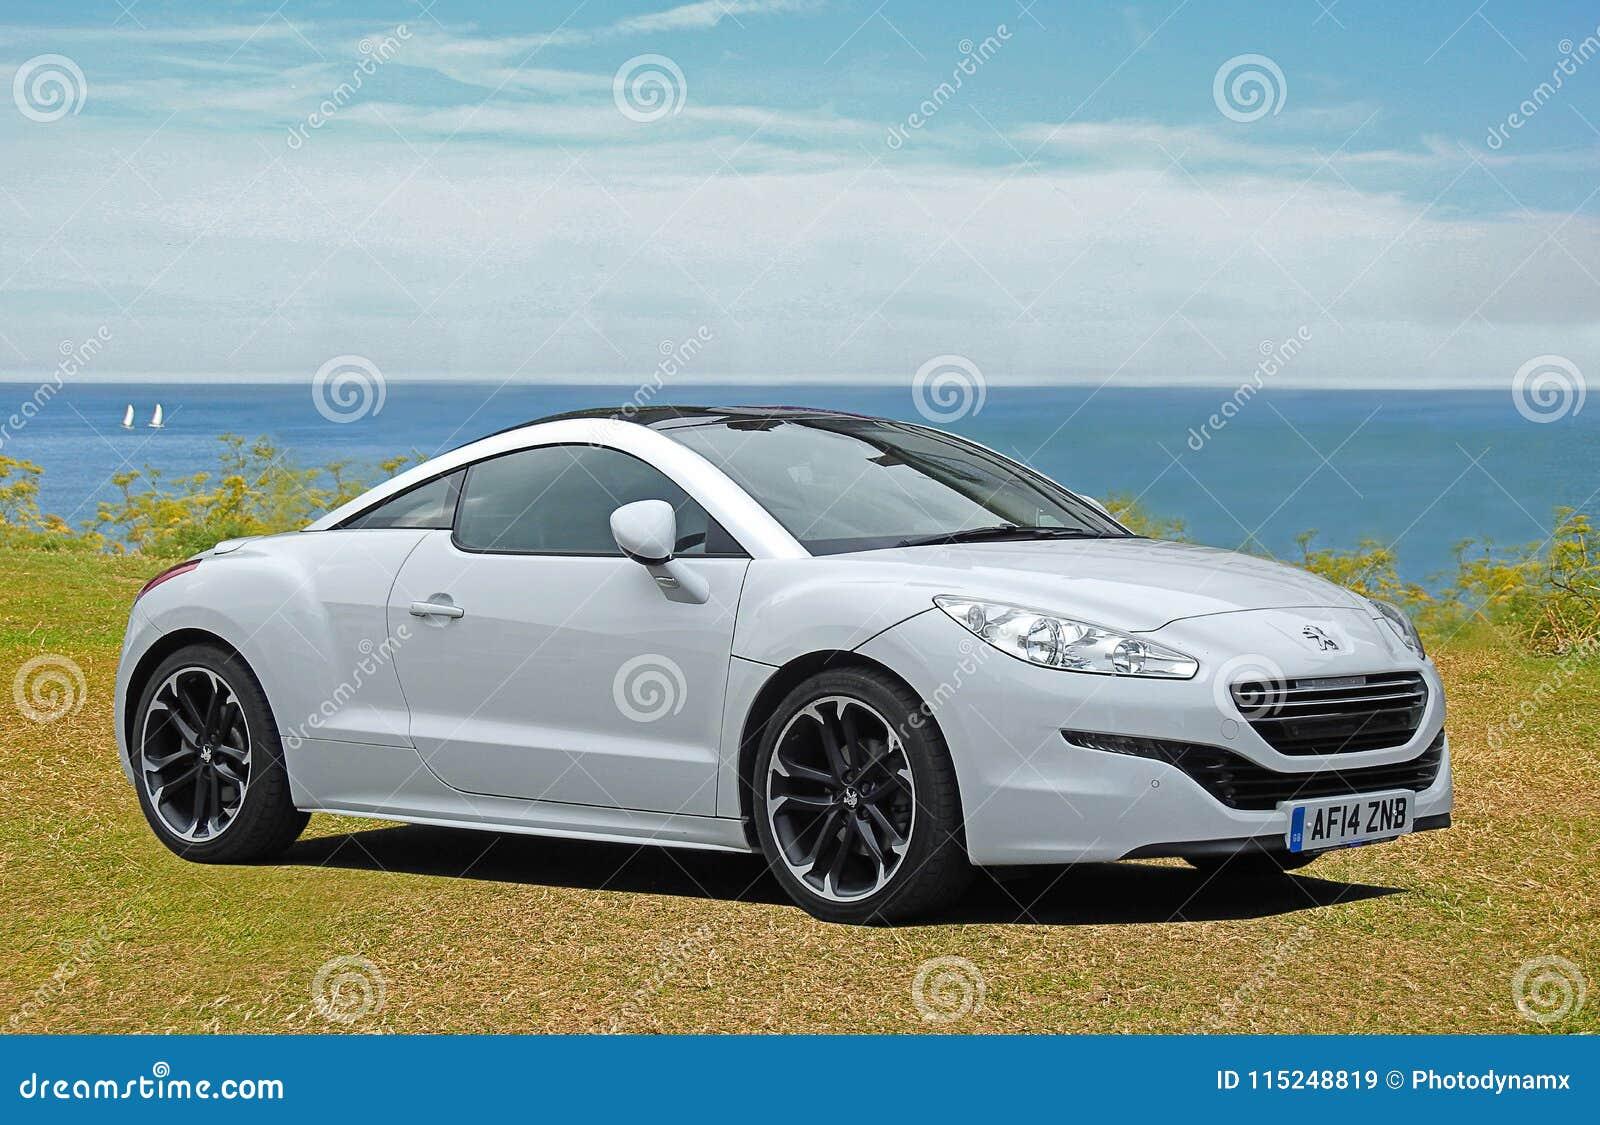 Peugeot Folatre Le Rcz De Coupe Image Stock Editorial Image Du